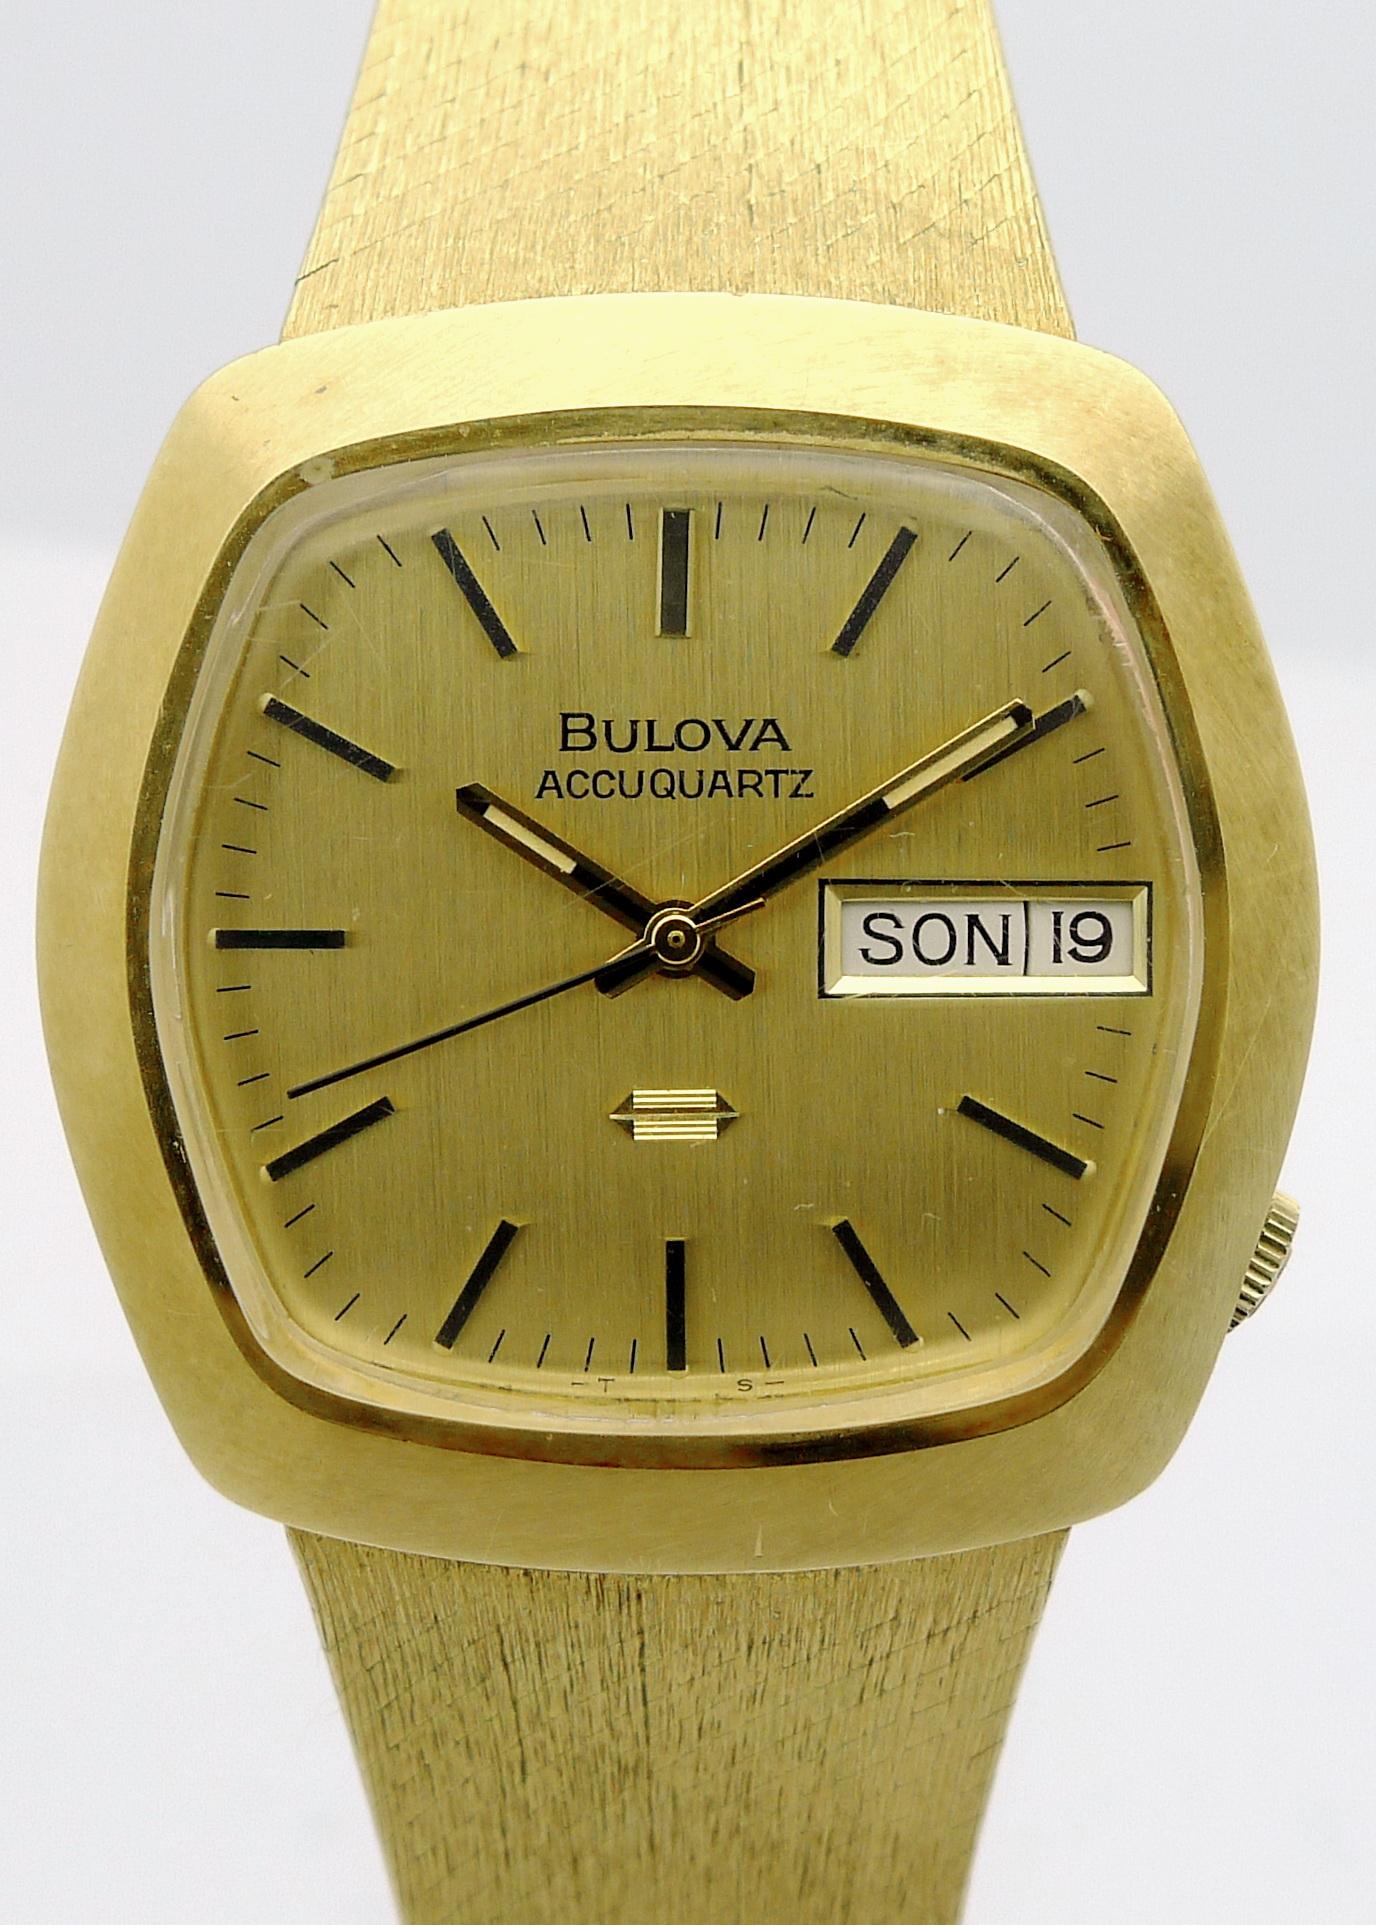 BULOVA ACCUQUARTZ 18ct GOLD HERREN-STIMMGABEL-ARMBANDUHR 89,8g ...